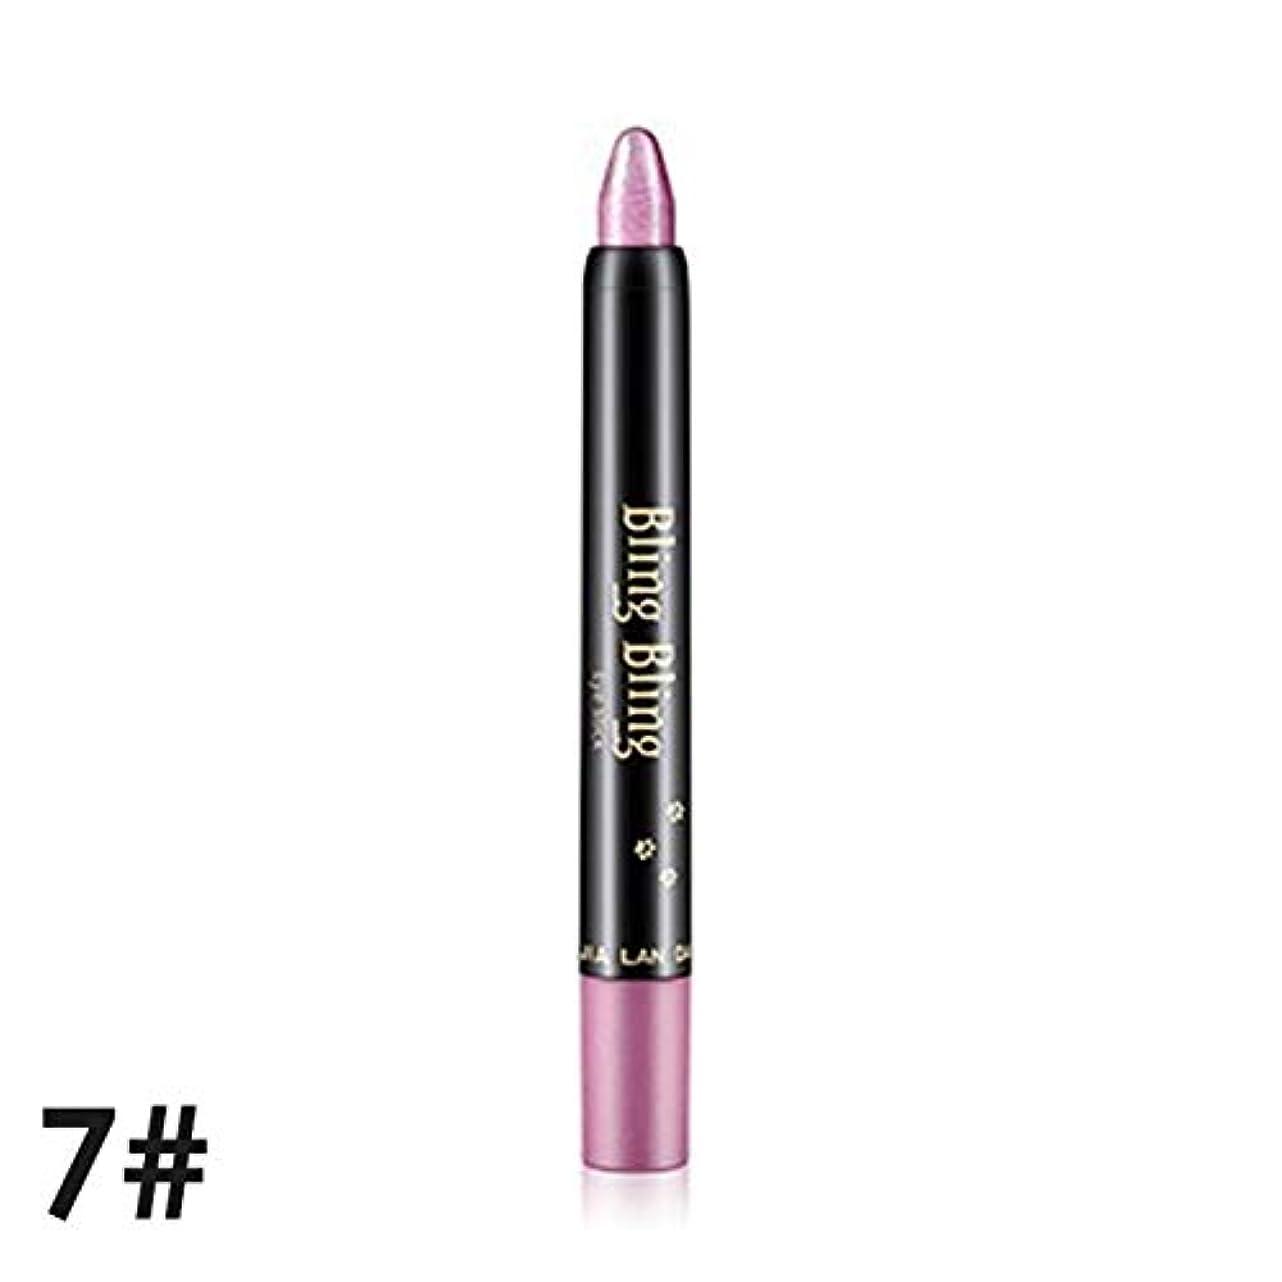 運命壁紙アフリカ人健康と美容アイシャドウ 3 PCSプロフェッショナルビューティ蛍光ペンアイシャドウペンシル 化粧 (色 : 7 Rose powder)